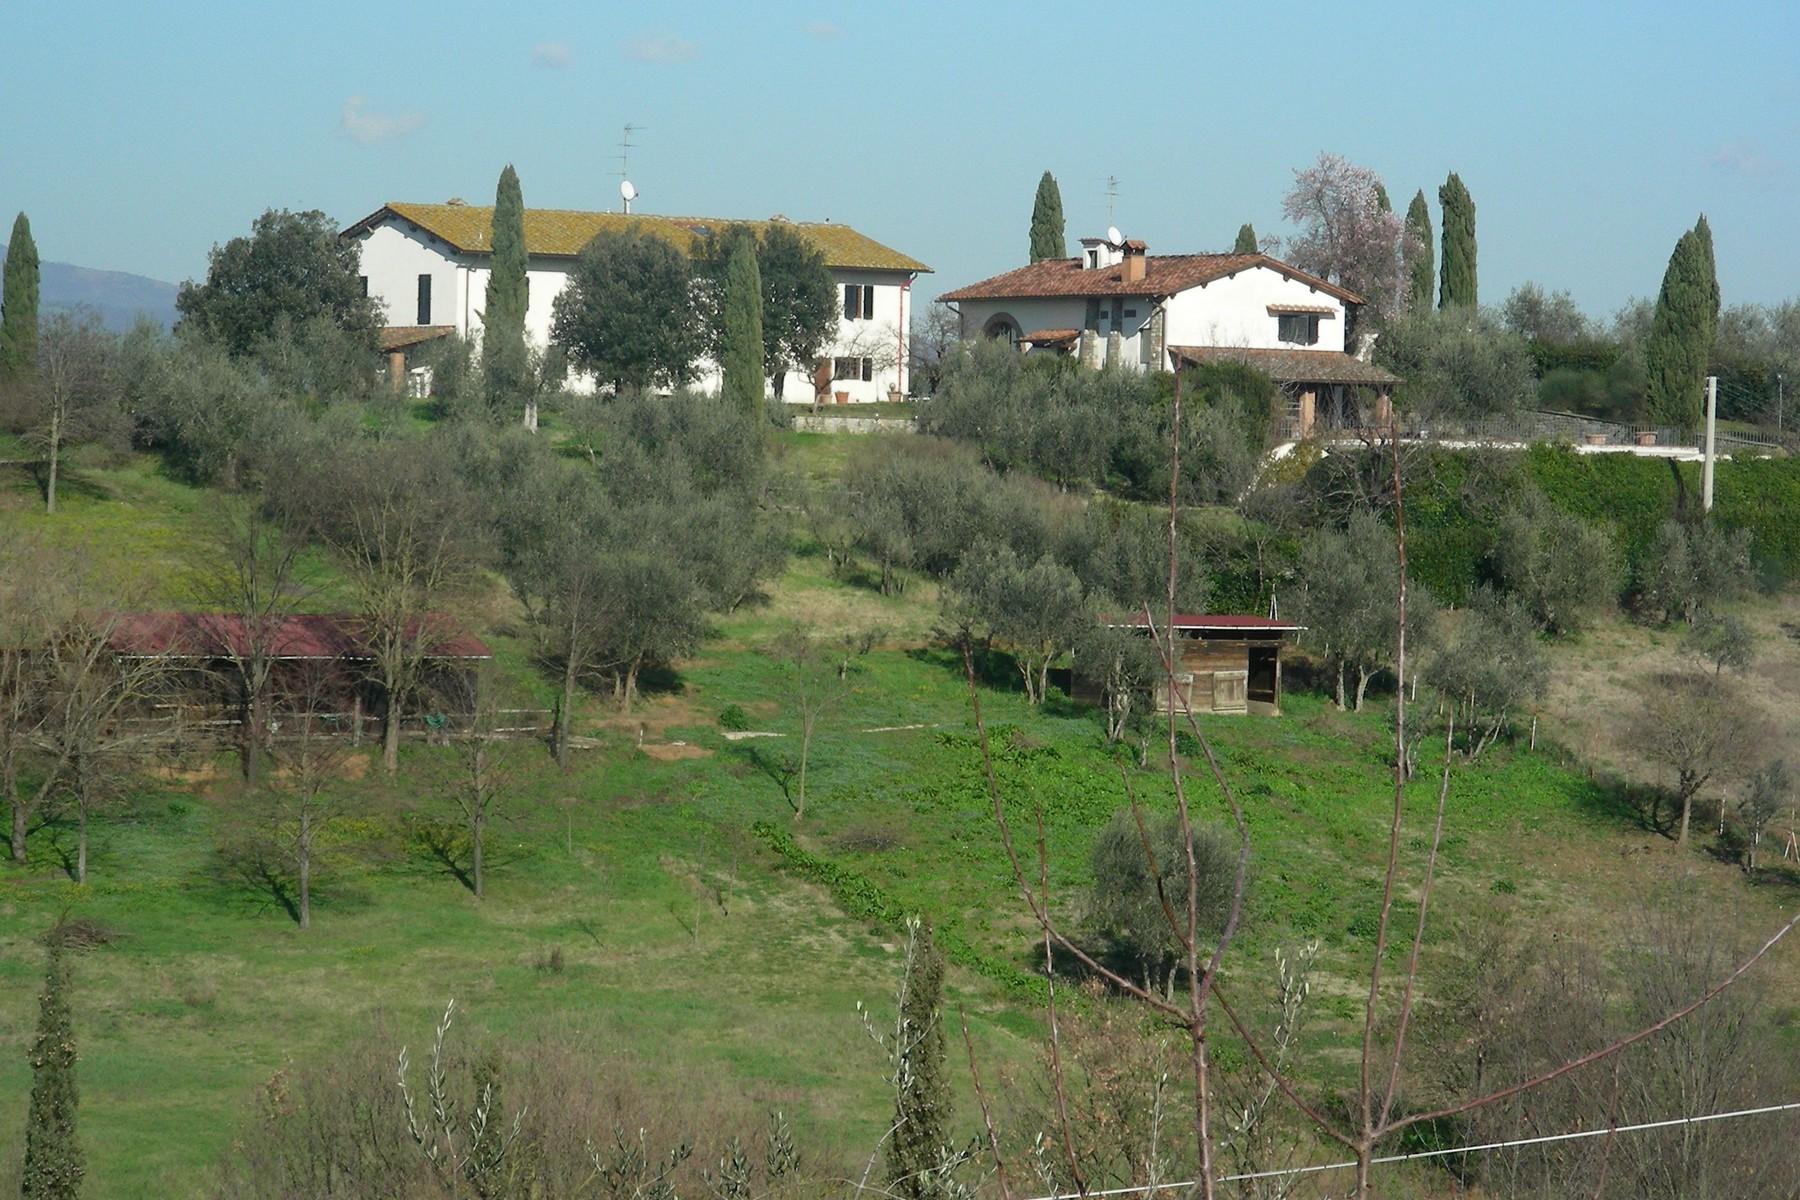 Rustico in Vendita a Bagno A Ripoli: 5 locali, 1385 mq - Foto 4